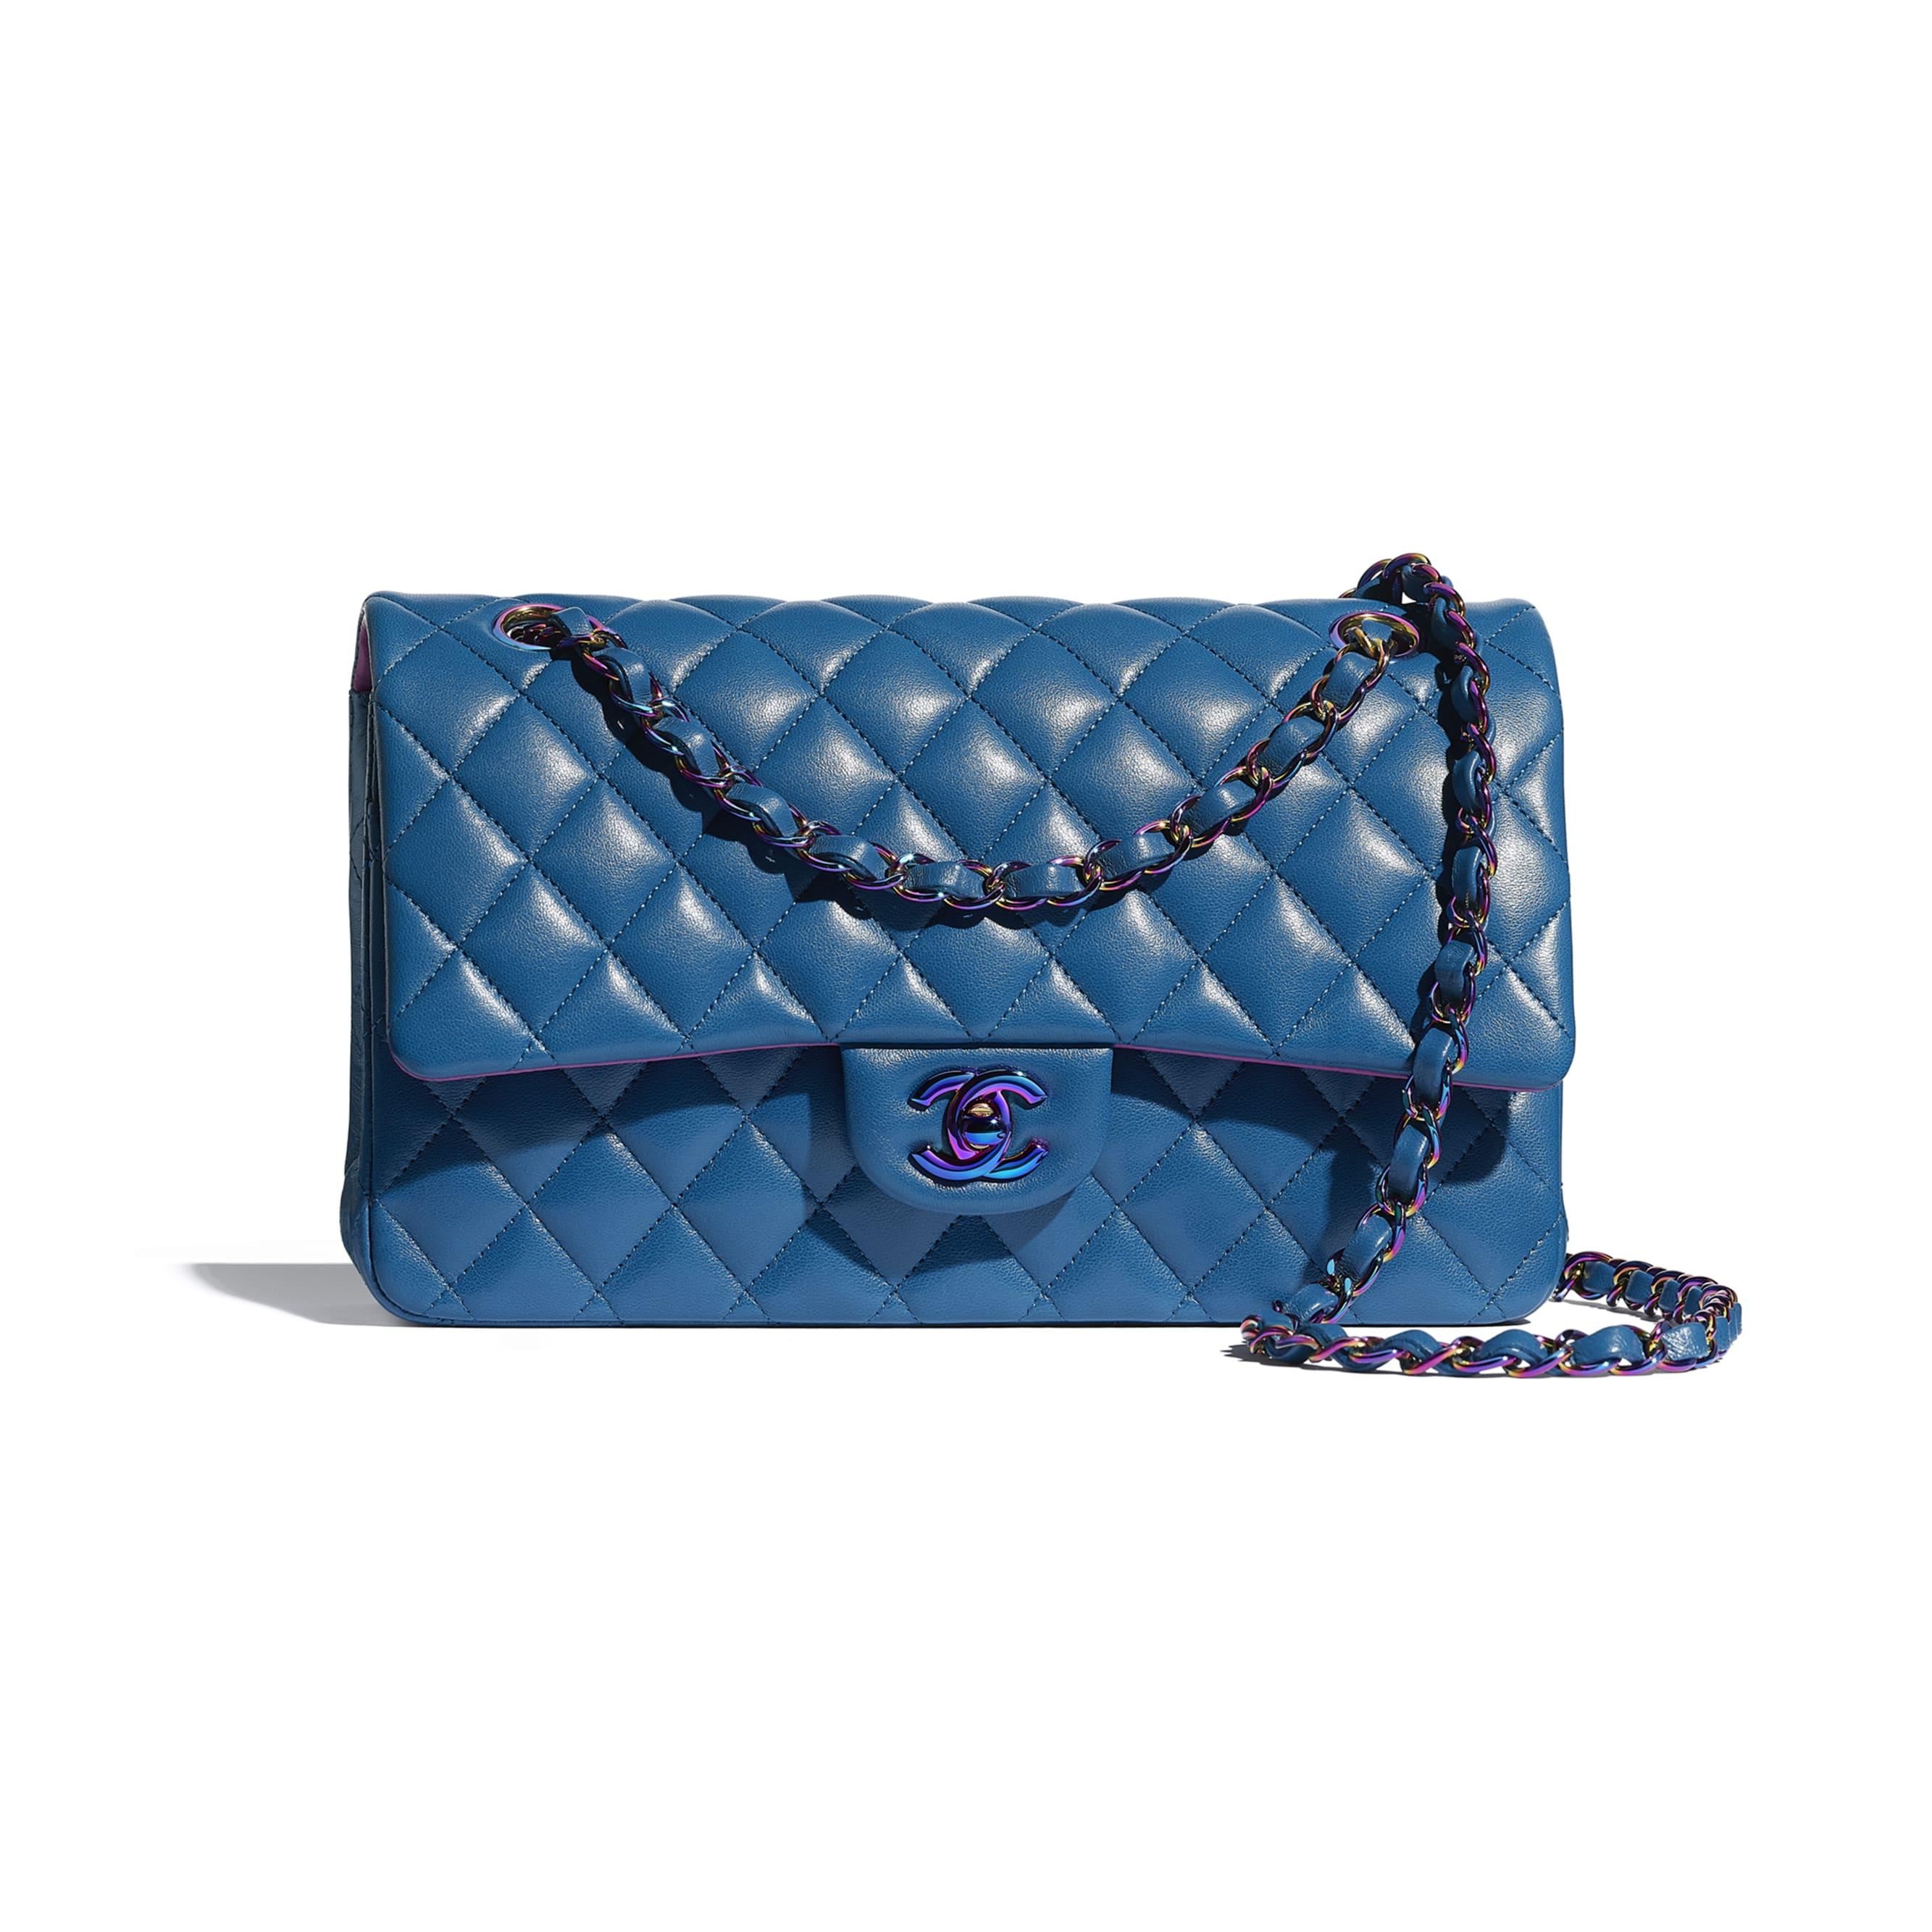 經典款手袋 - 藍色 - 小羊皮及幻彩色金屬 - CHANEL - 預設視圖 - 查看標準尺寸版本